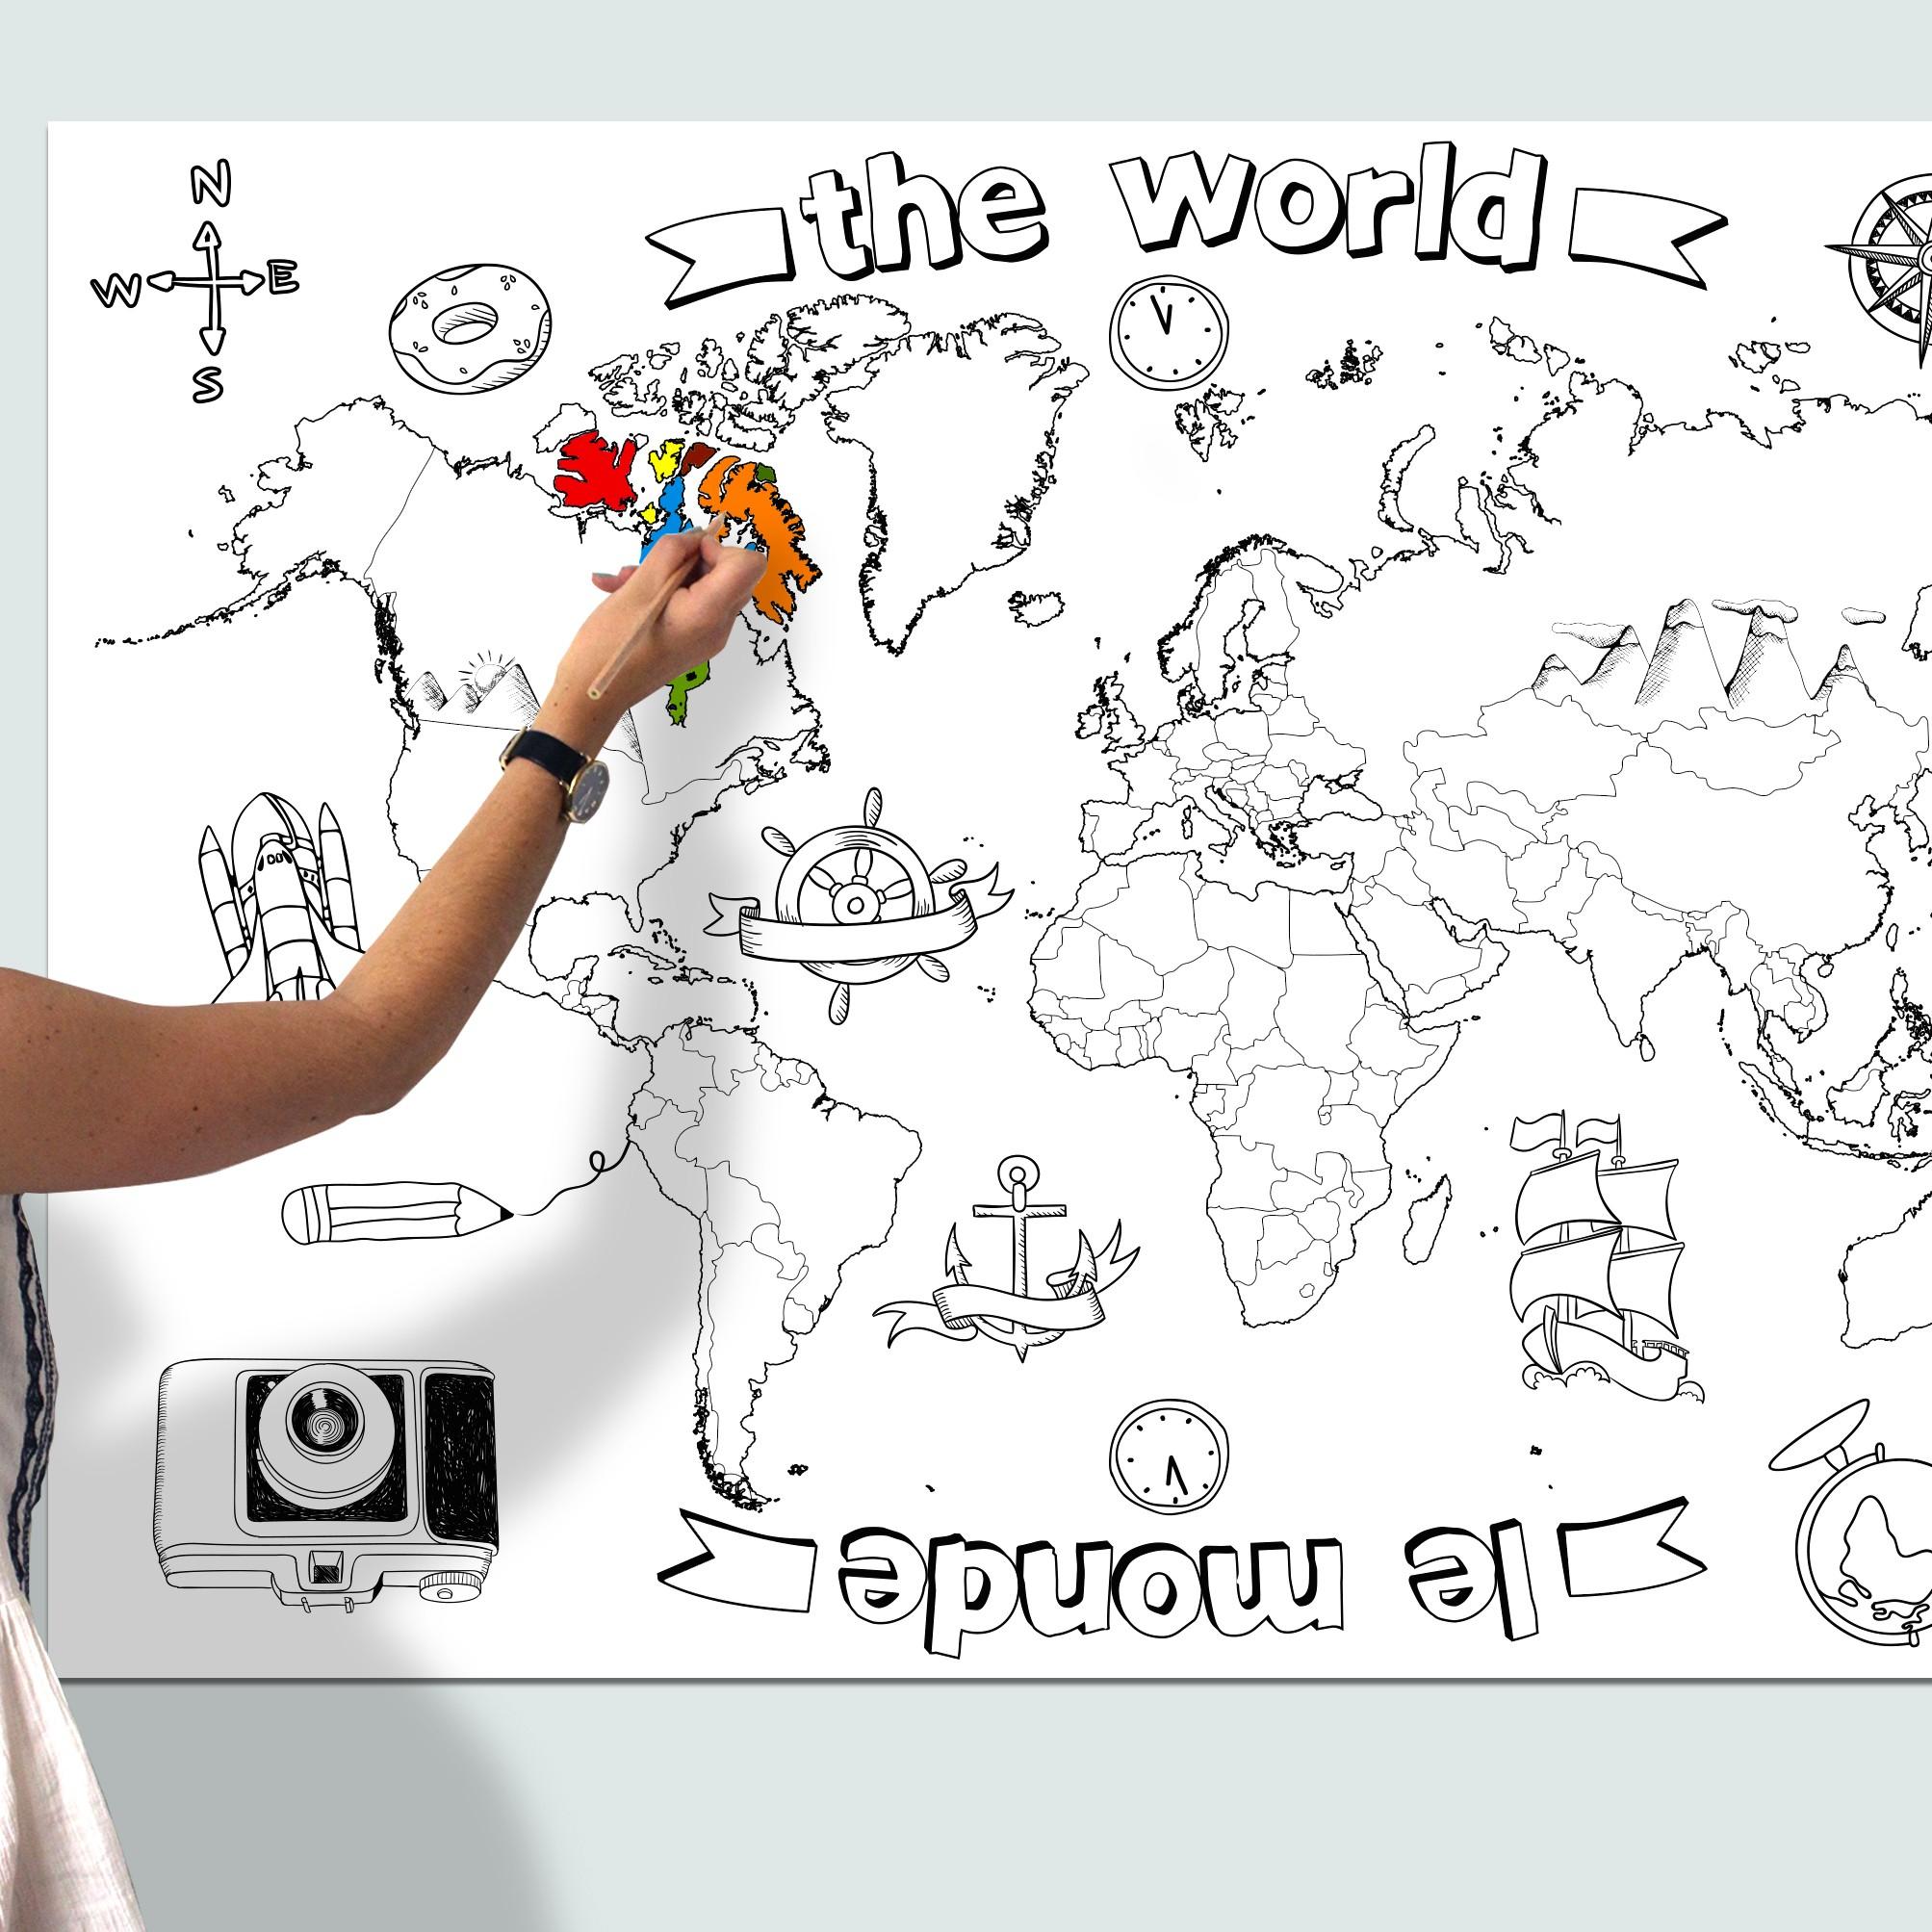 Poster Mappemonde À Colorier - Agent Paper pour Dessin Mappemonde